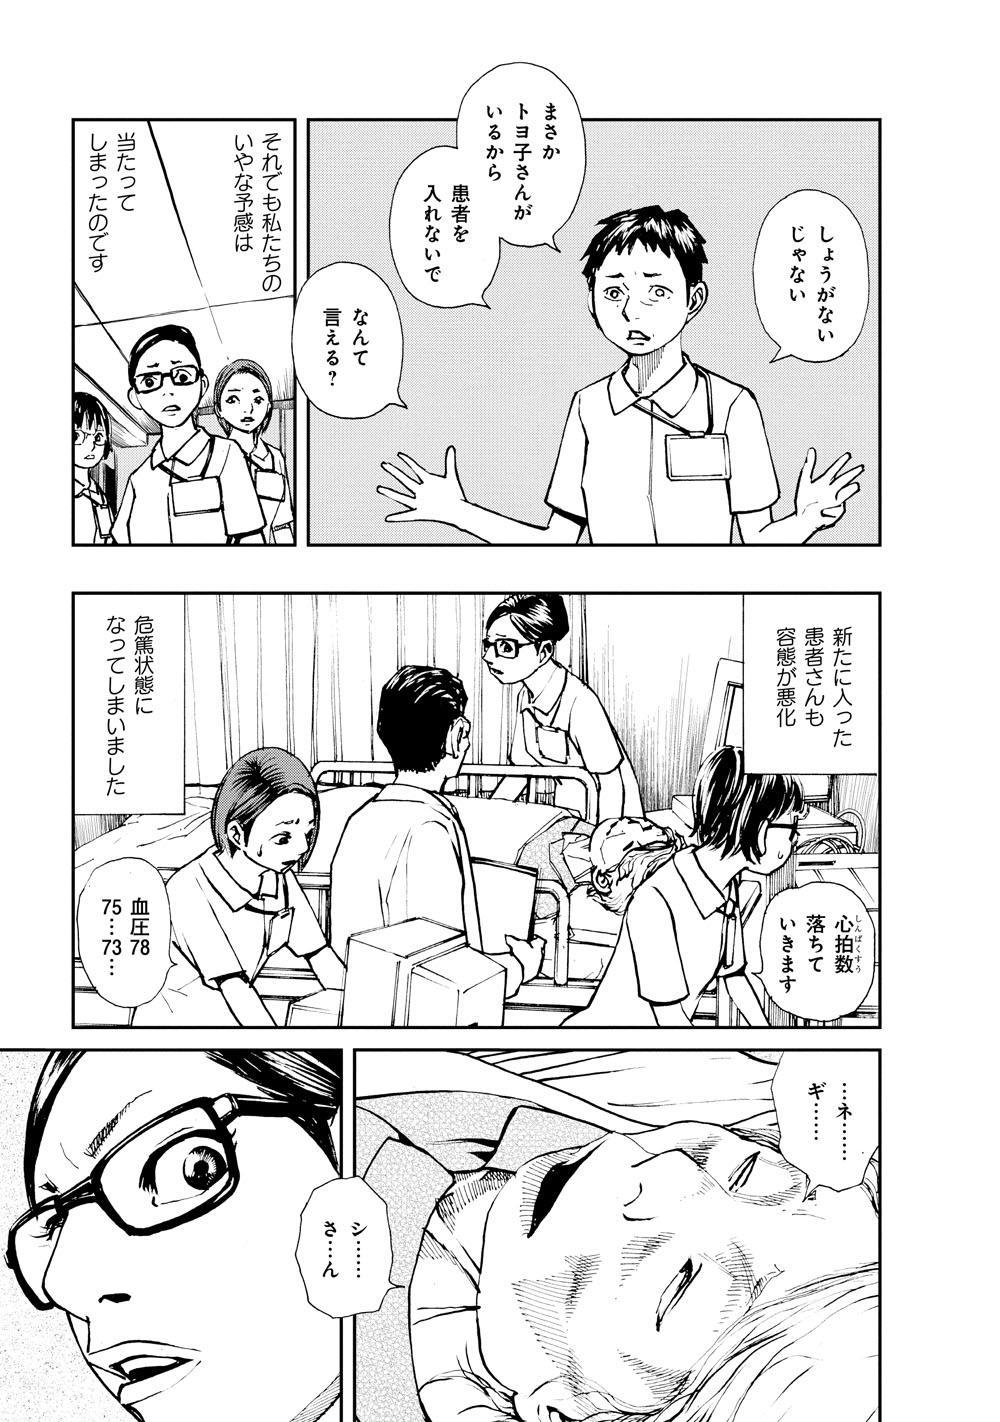 テレビ版_ほん怖_247.jpg